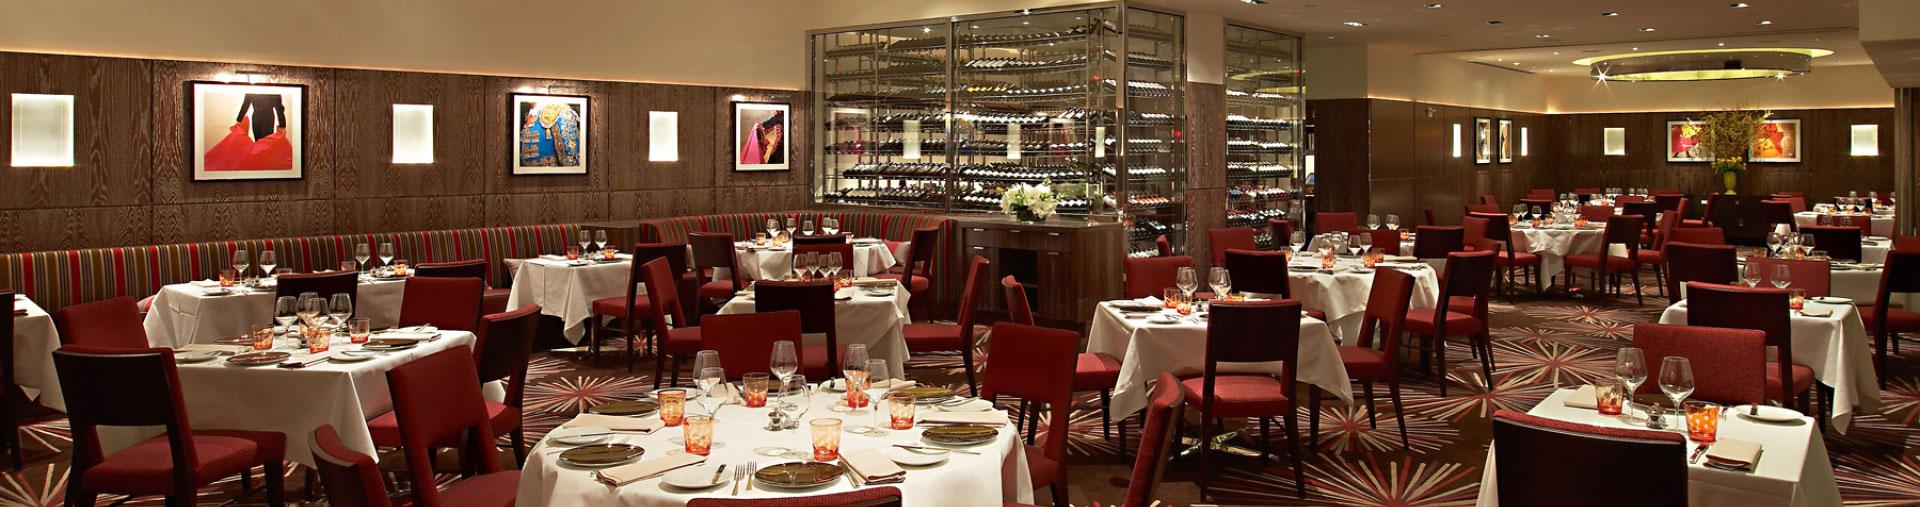 La Fonda del Sol's main dining room event space in NYC